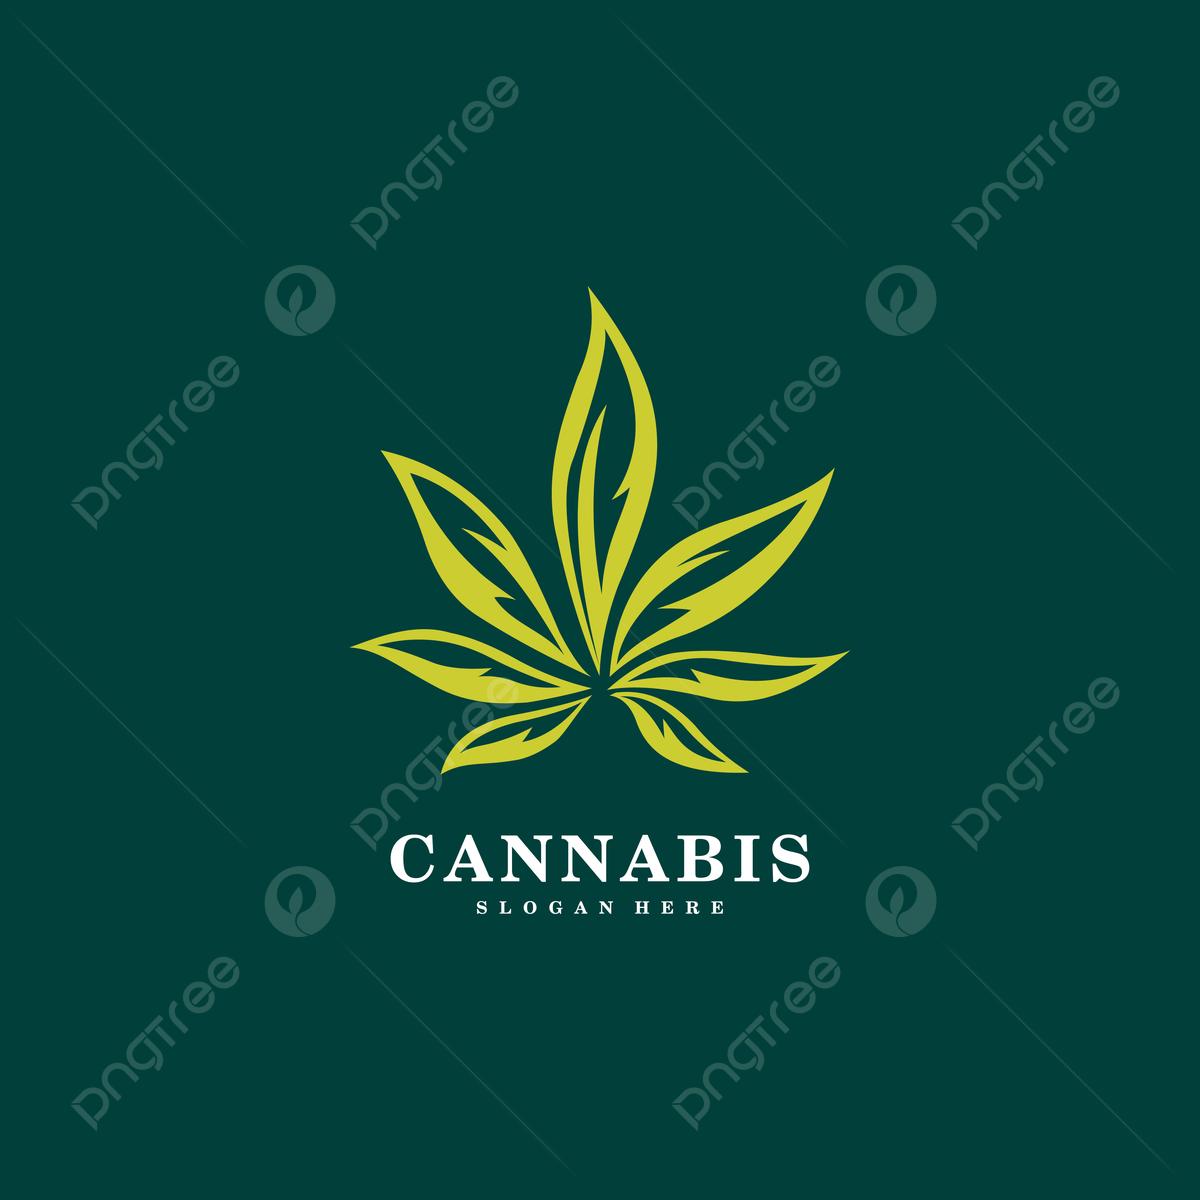 gambar ganja logo daun marijuana templat untuk muat turun percuma di pngtree ganja logo daun marijuana templat